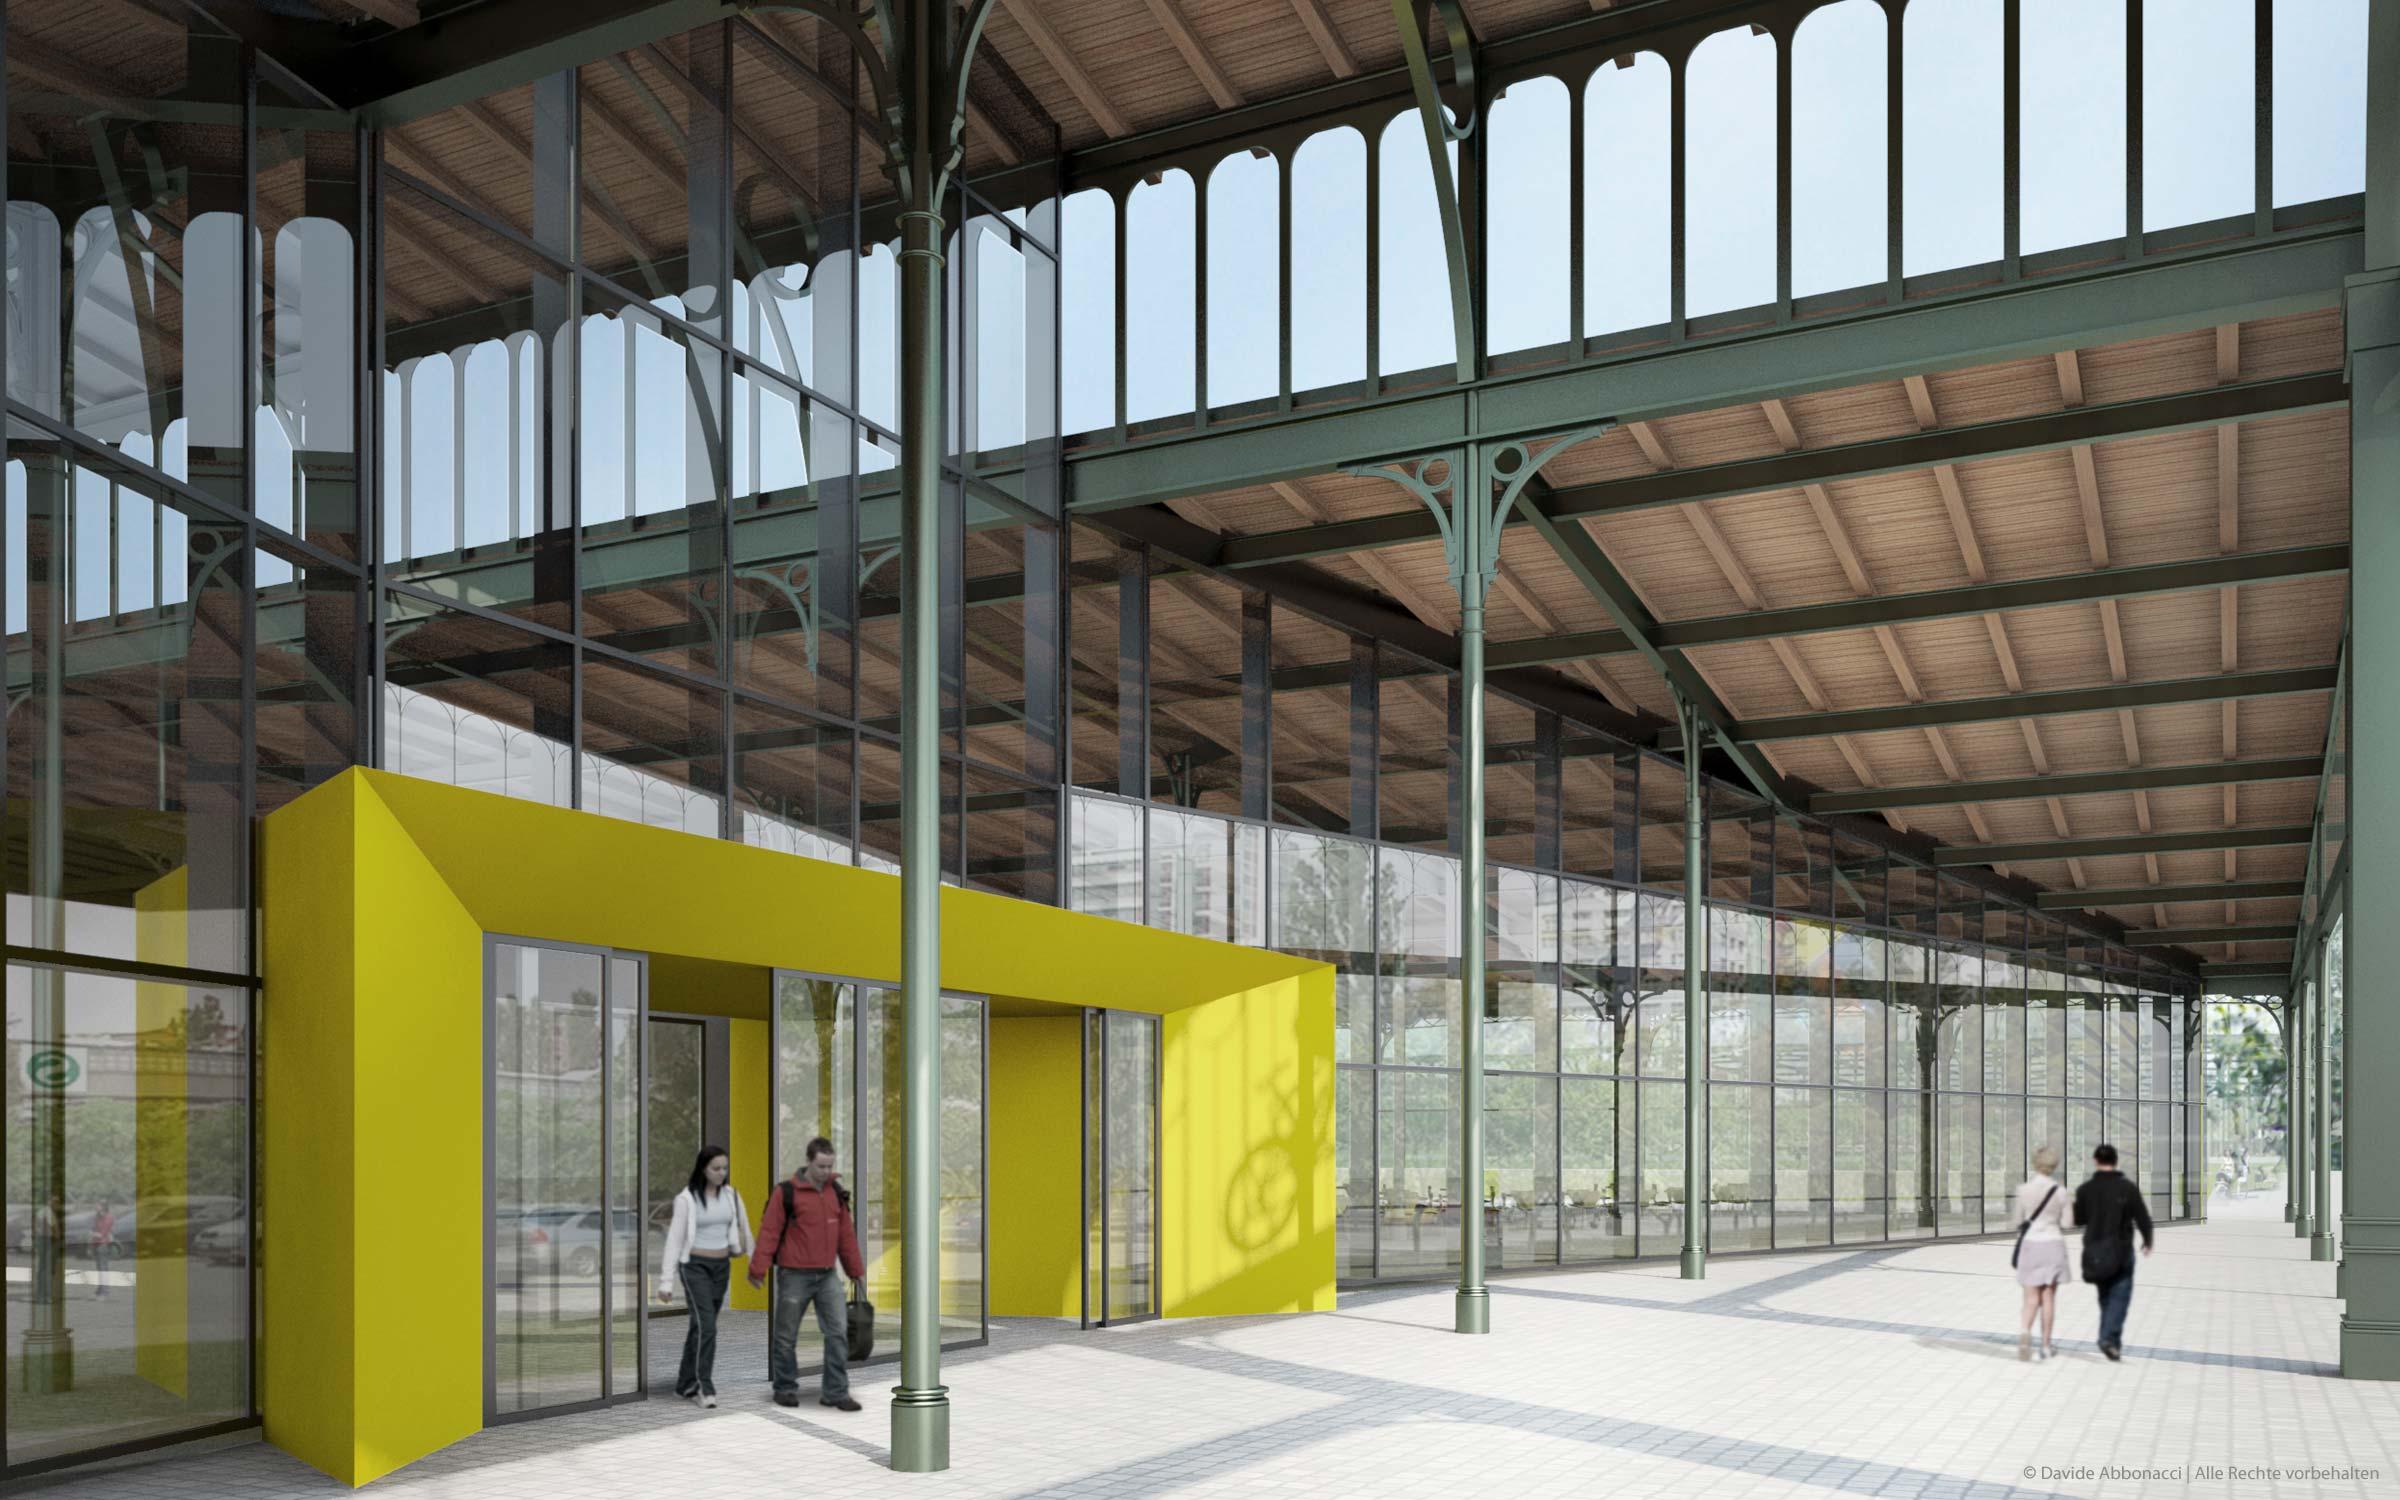 Umbau ehemalige Rinderauktionshalle, Berlin - Prenzlauer Berg   Gnädinger Architekten   2009 Fassadenstudie und Baudetails